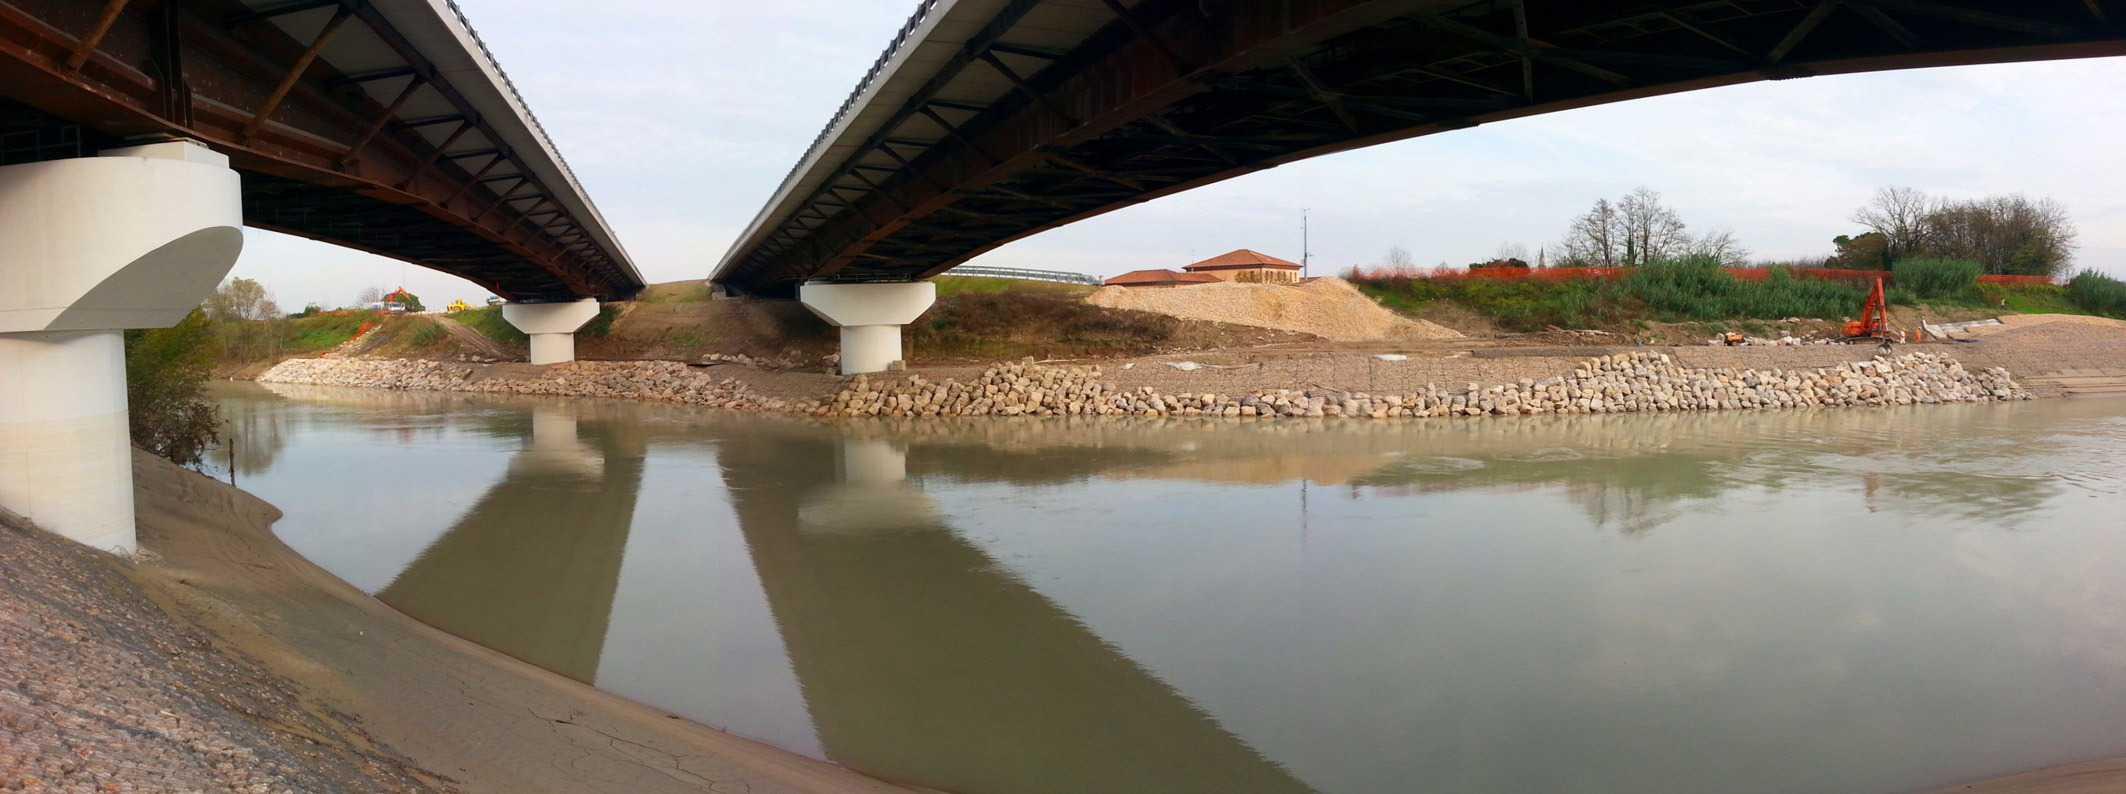 La struttura del ponte sul fiume Piave